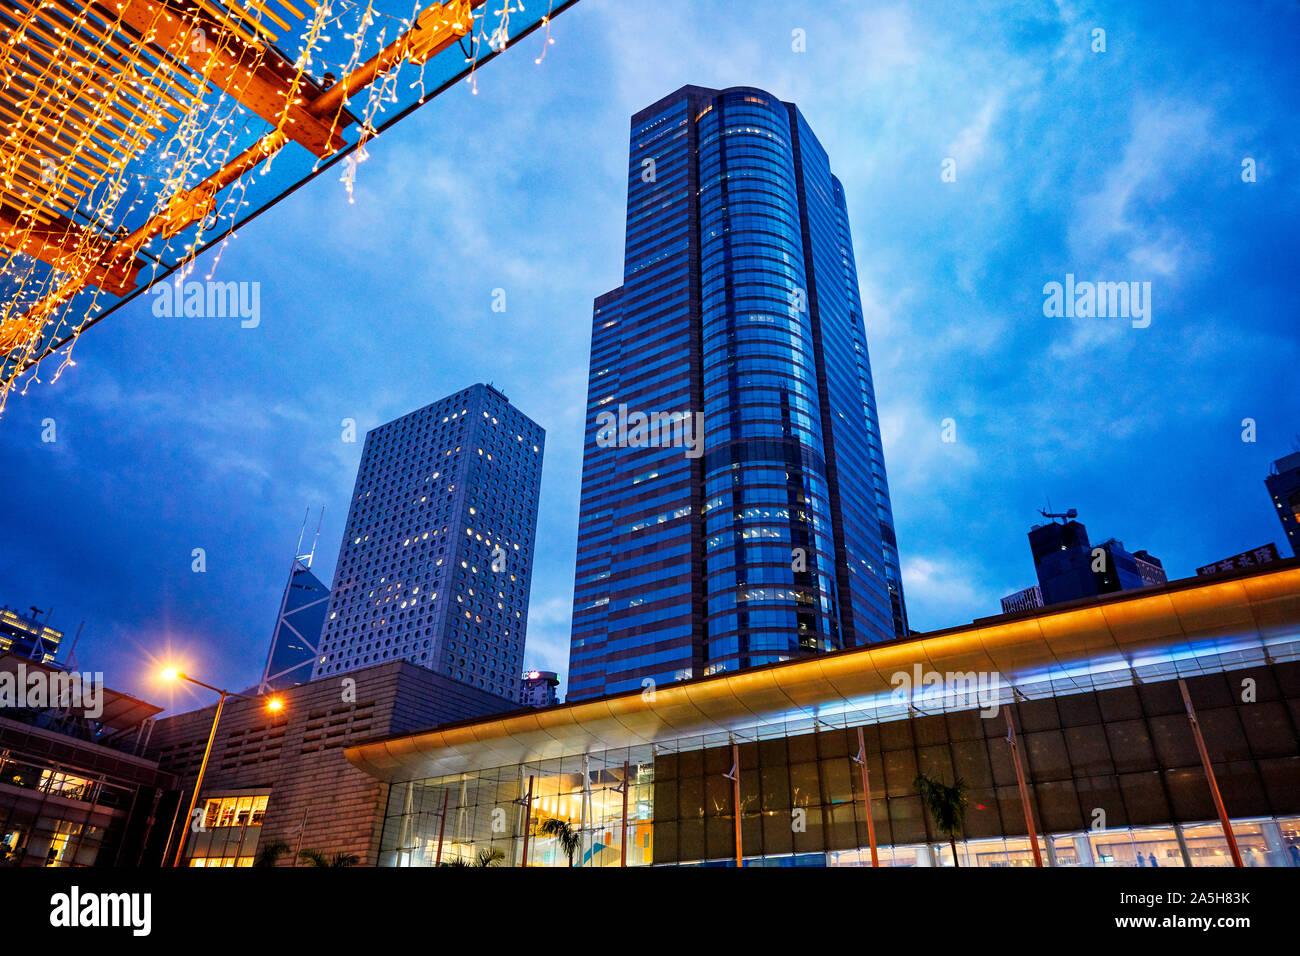 High-rise buildings at dusk. Central, Hong Kong, China. Stock Photo